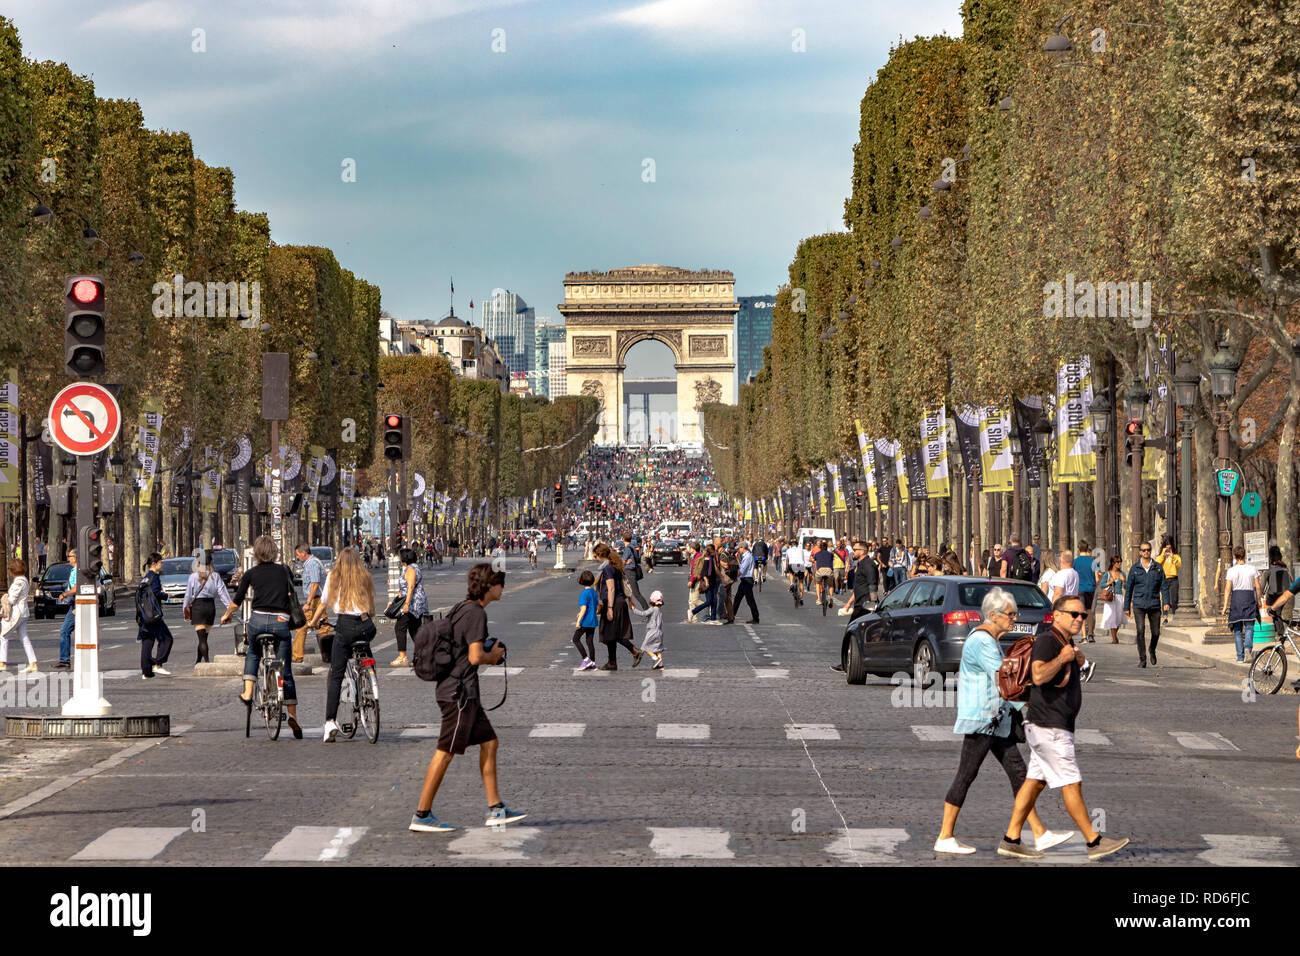 Traffic waits at a signal near Place de la Concorde on the Champs-Élysées with the Arc de Triomphe in the distance ,Paris ,France - Stock Image